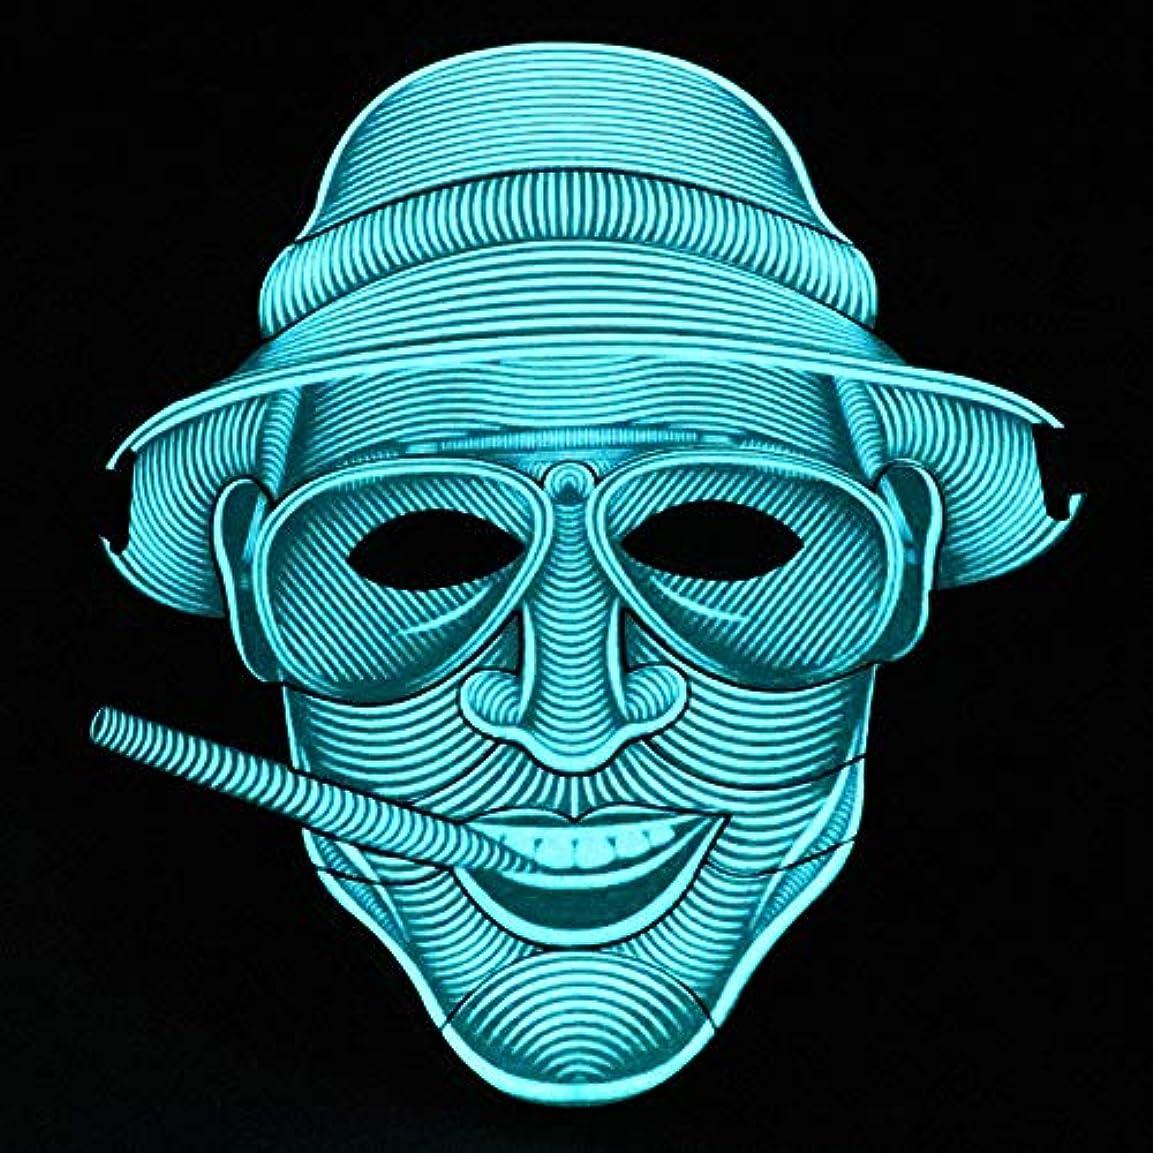 ブロックする戦士ドレス照らされたマスクLED創造的な冷光音響制御マスクハロウィンバーフェスティバルダンスマスク (Color : #16)